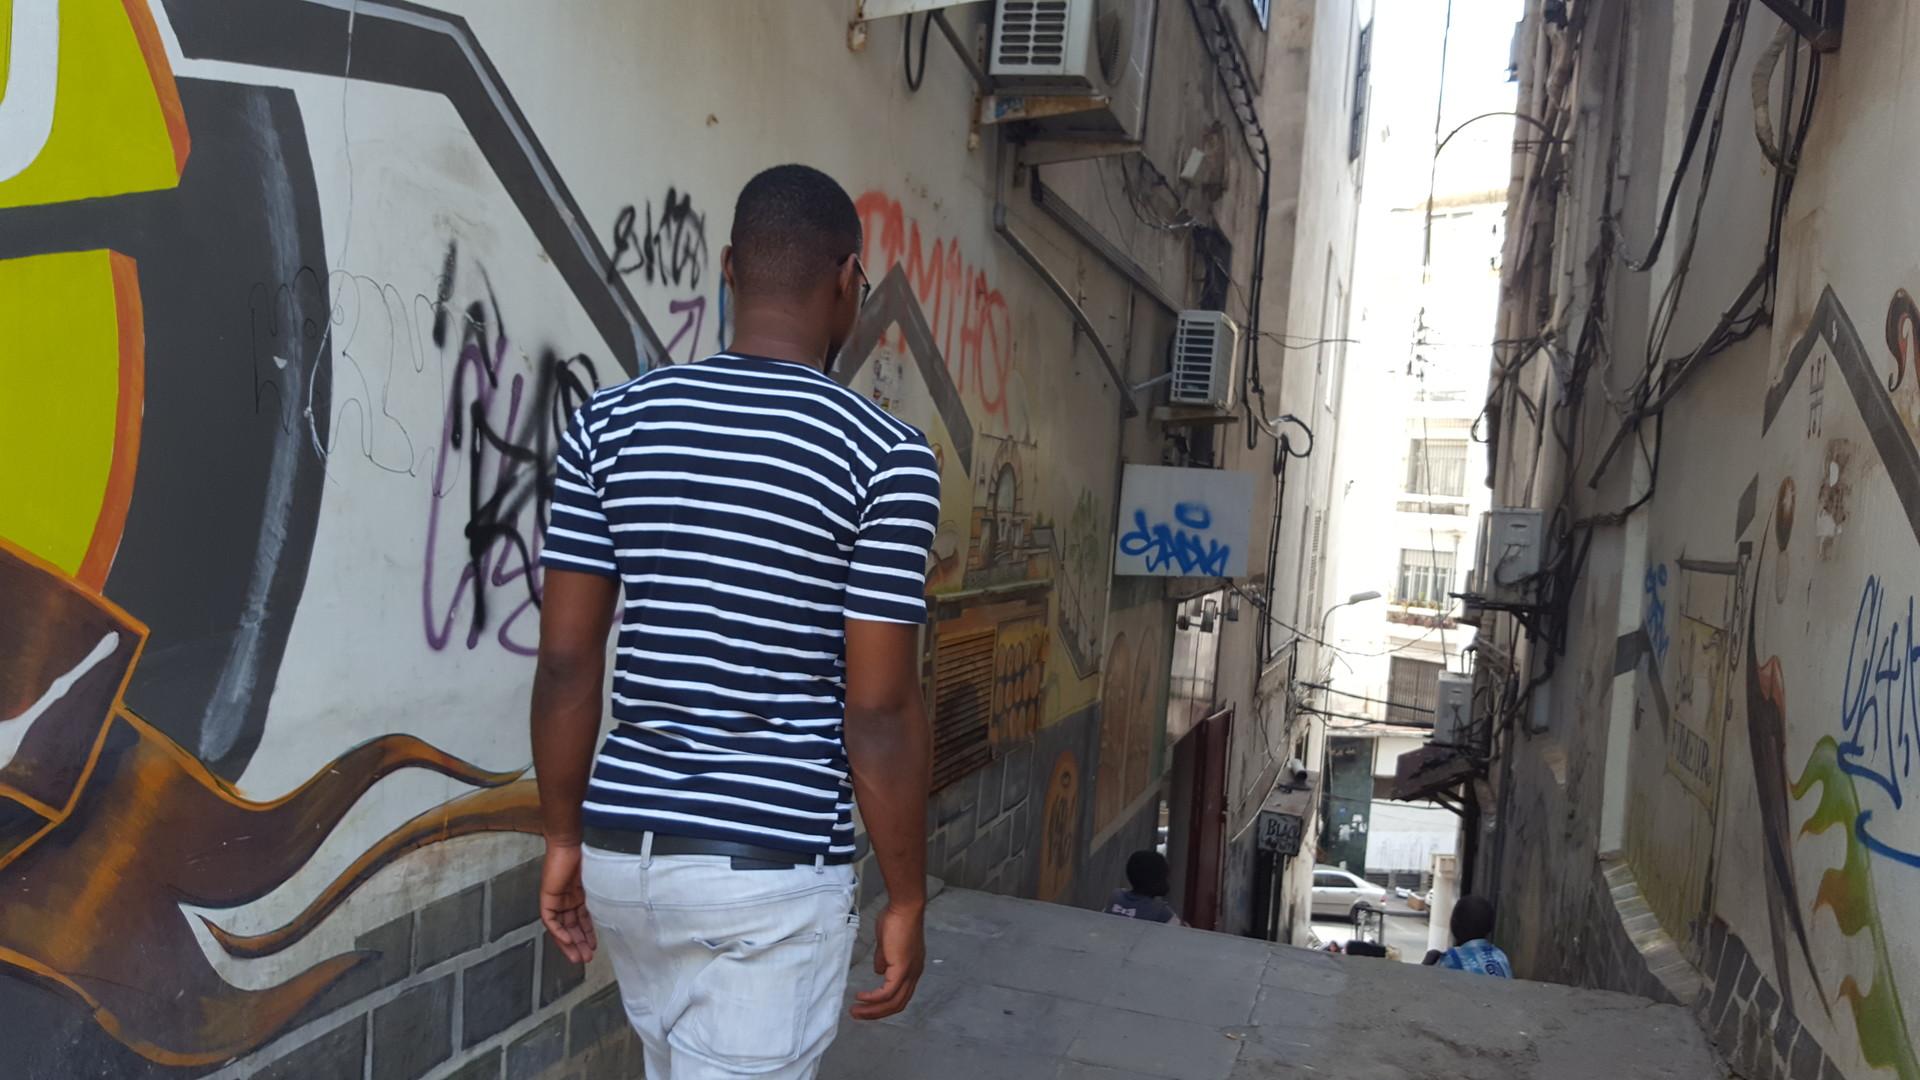 En Algérie, le parcours du combattant des réfugiés subsahariens homosexuels (REPORTAGE)